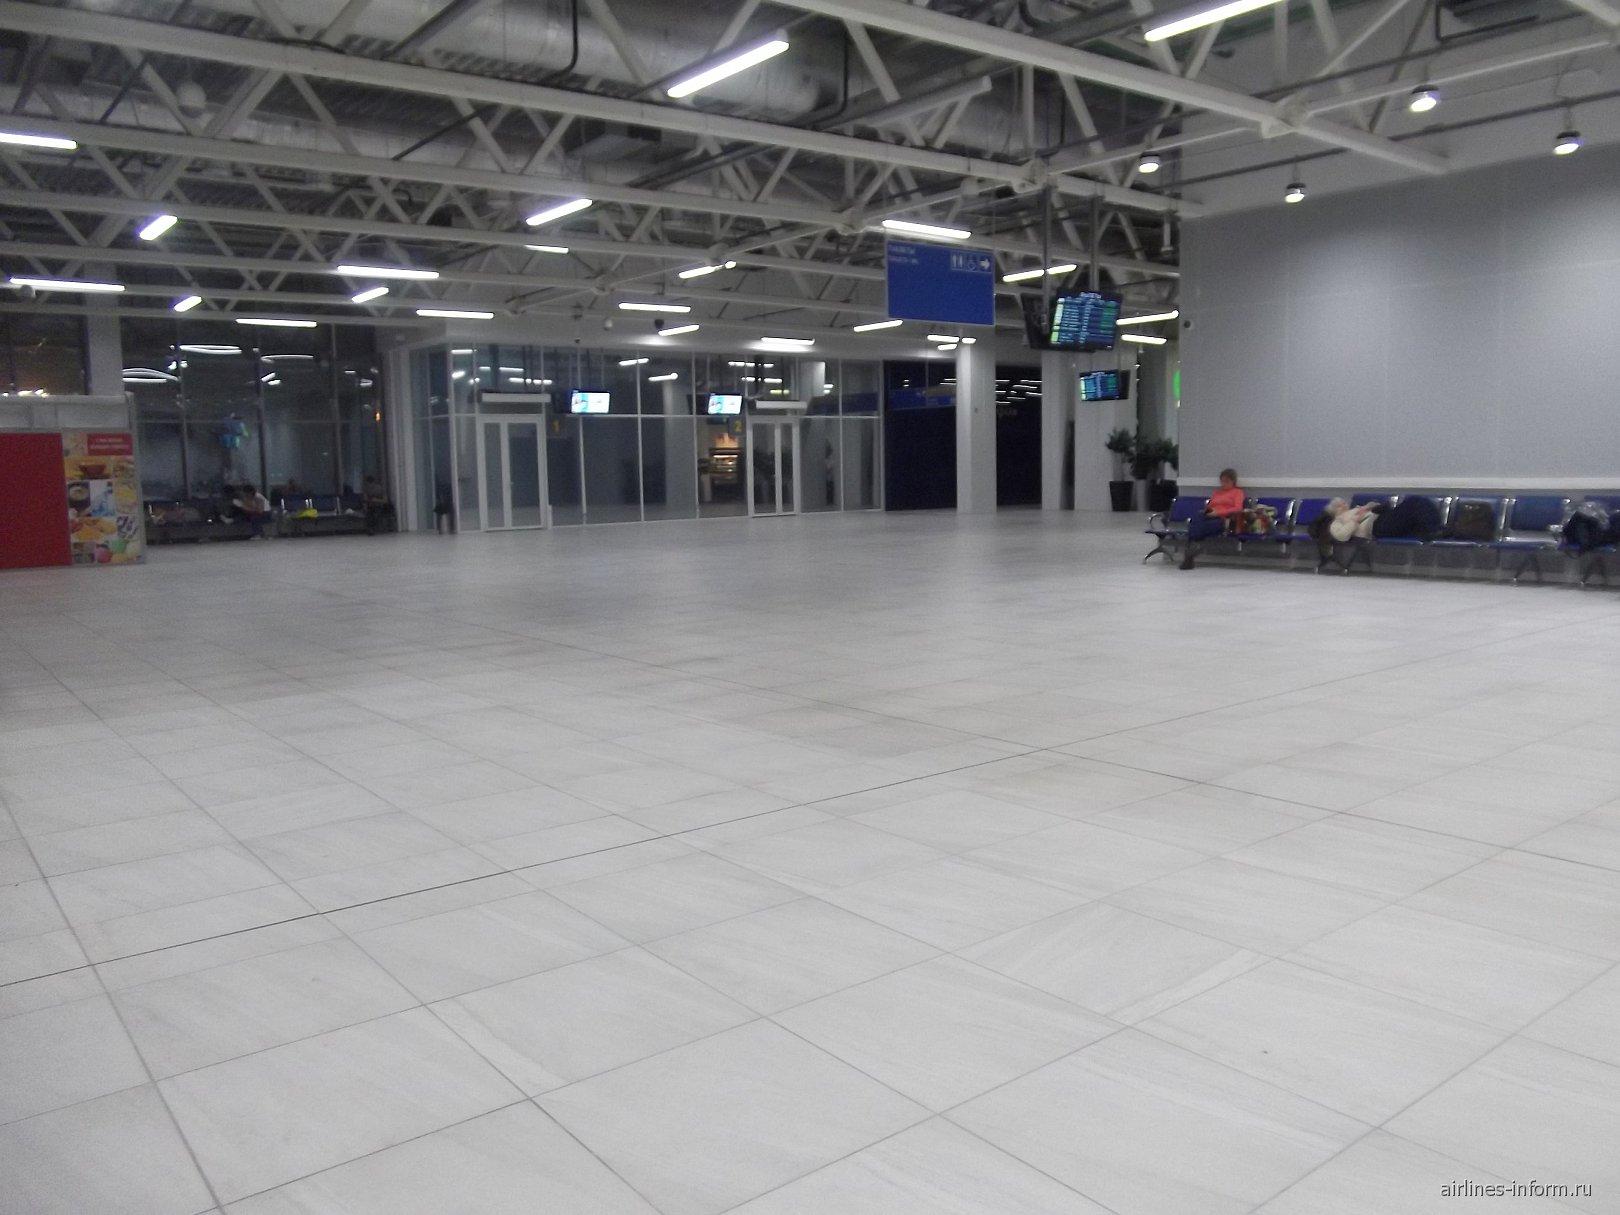 идем дальше.поподаем в просторный зал с сиротливо стоящими креслами,явно на всех не хватет.